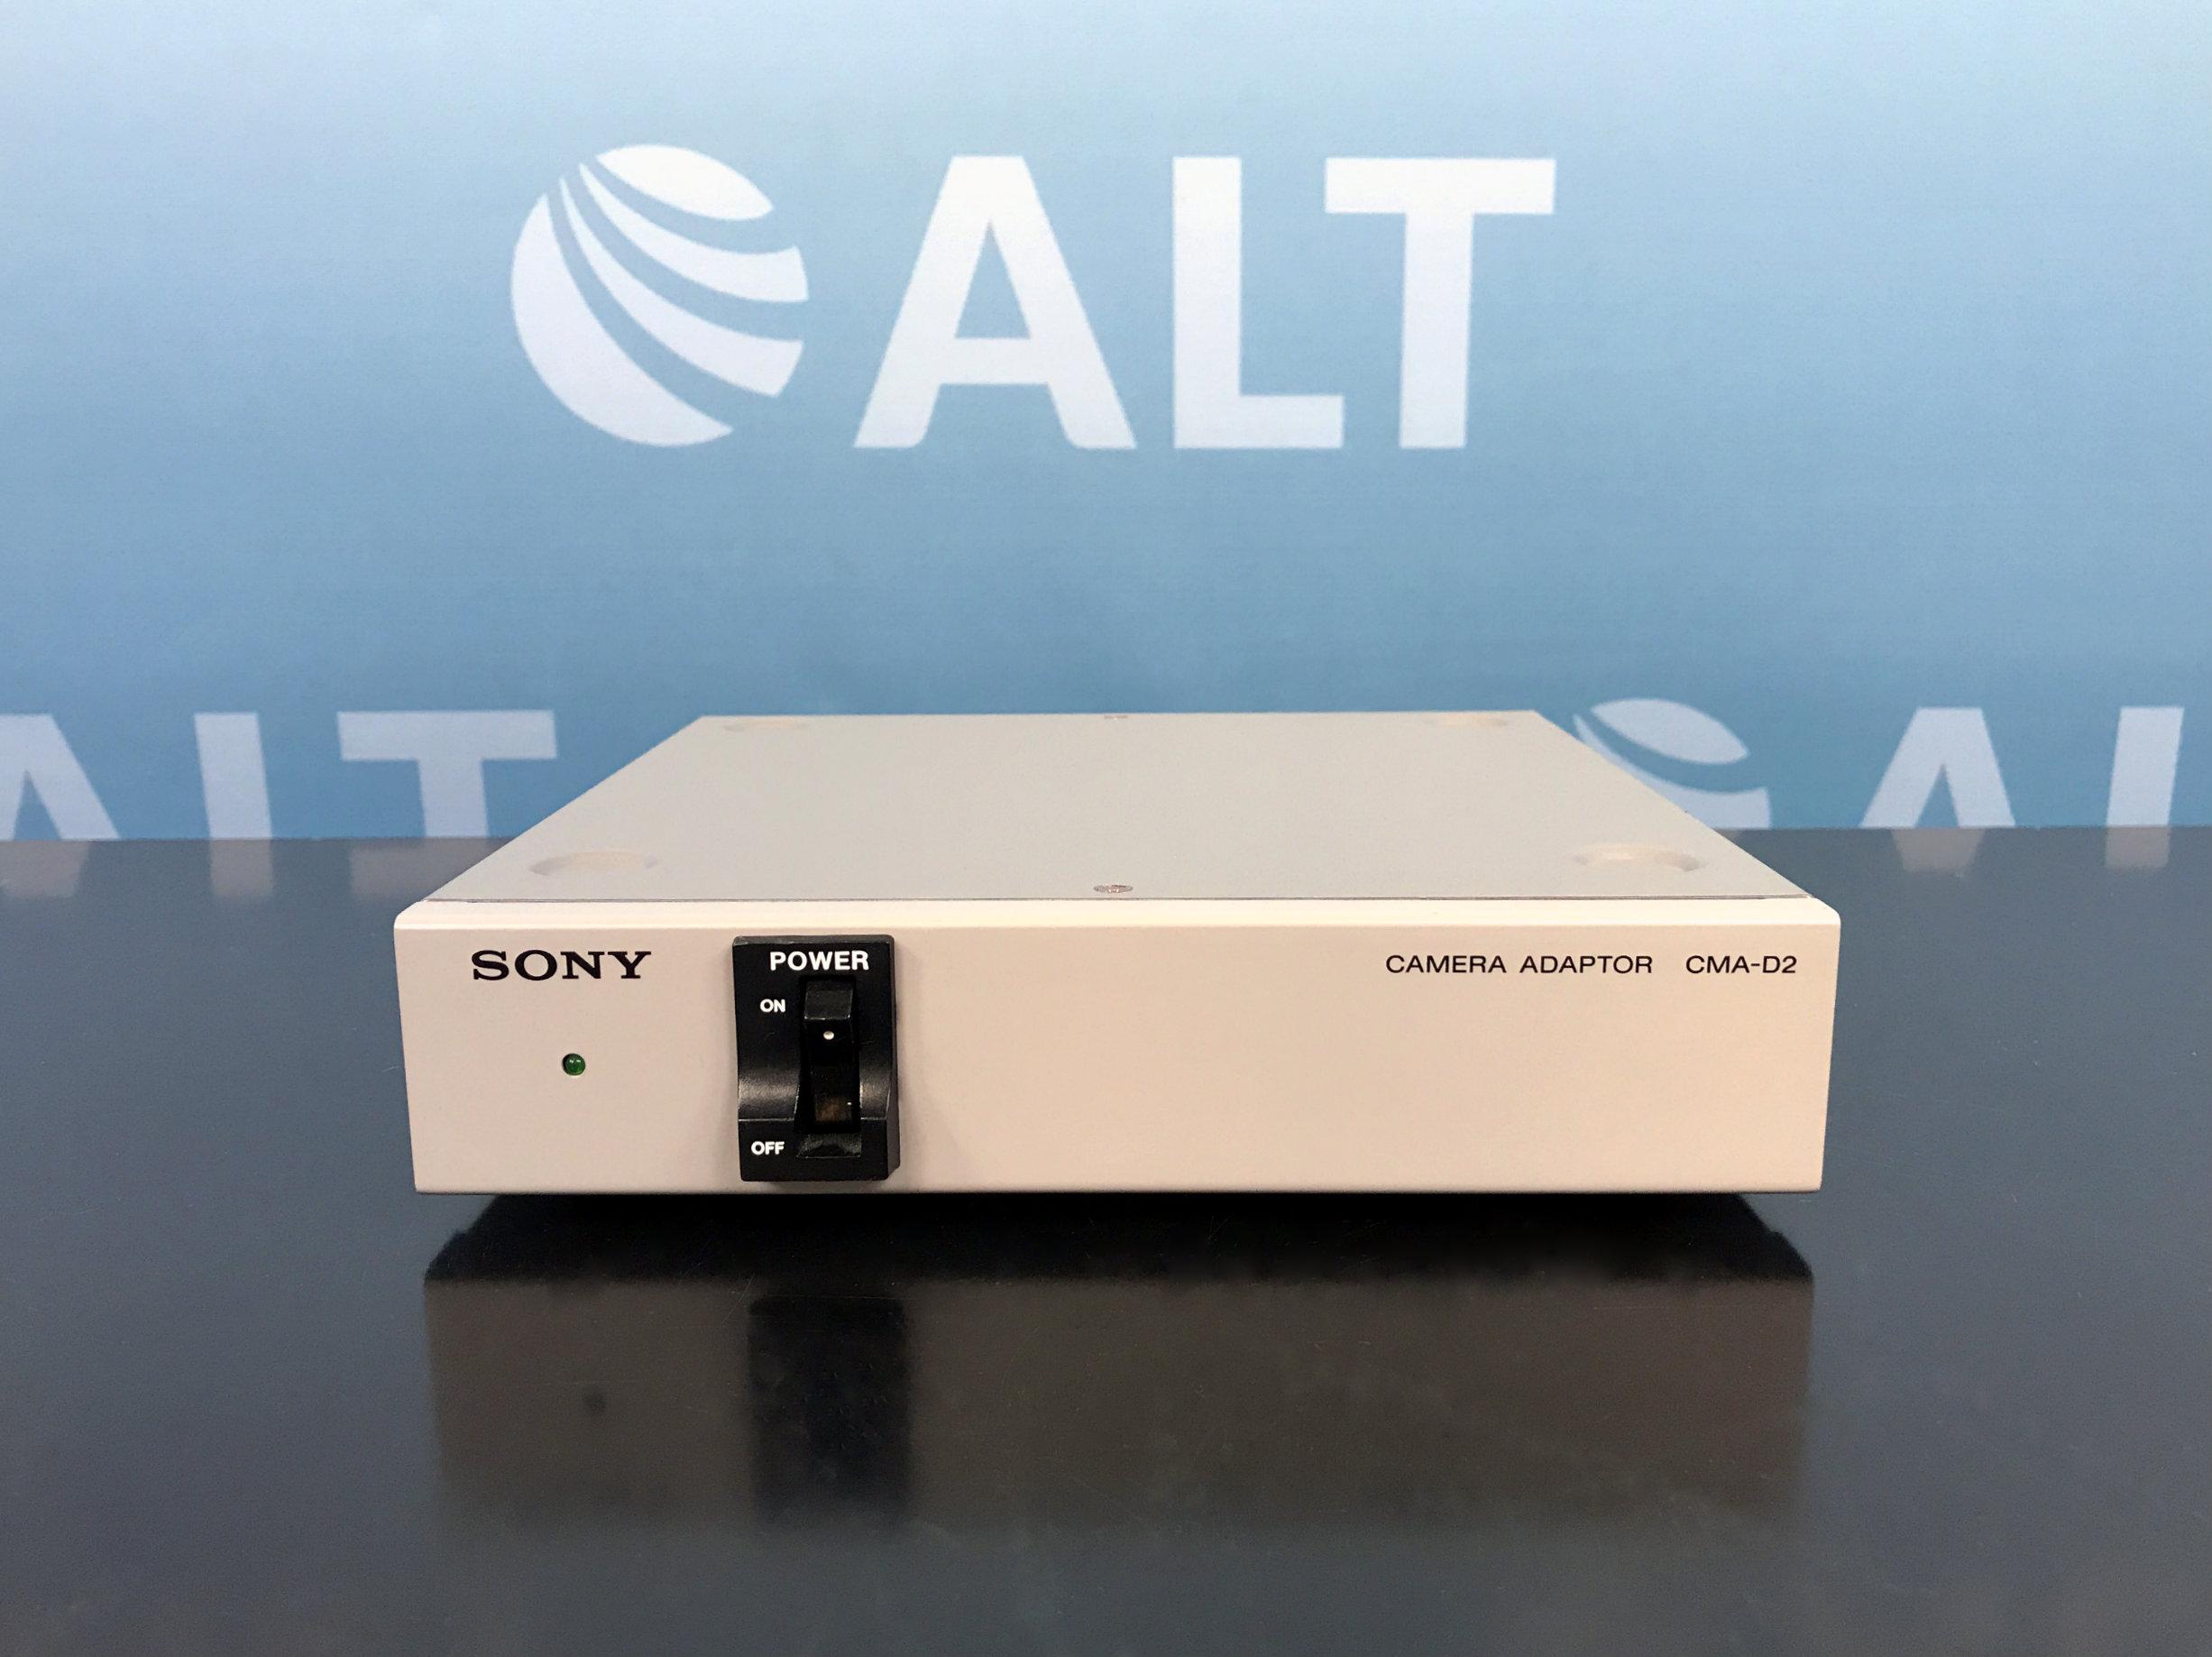 Sony CMA-D2 Camera Adapter Image